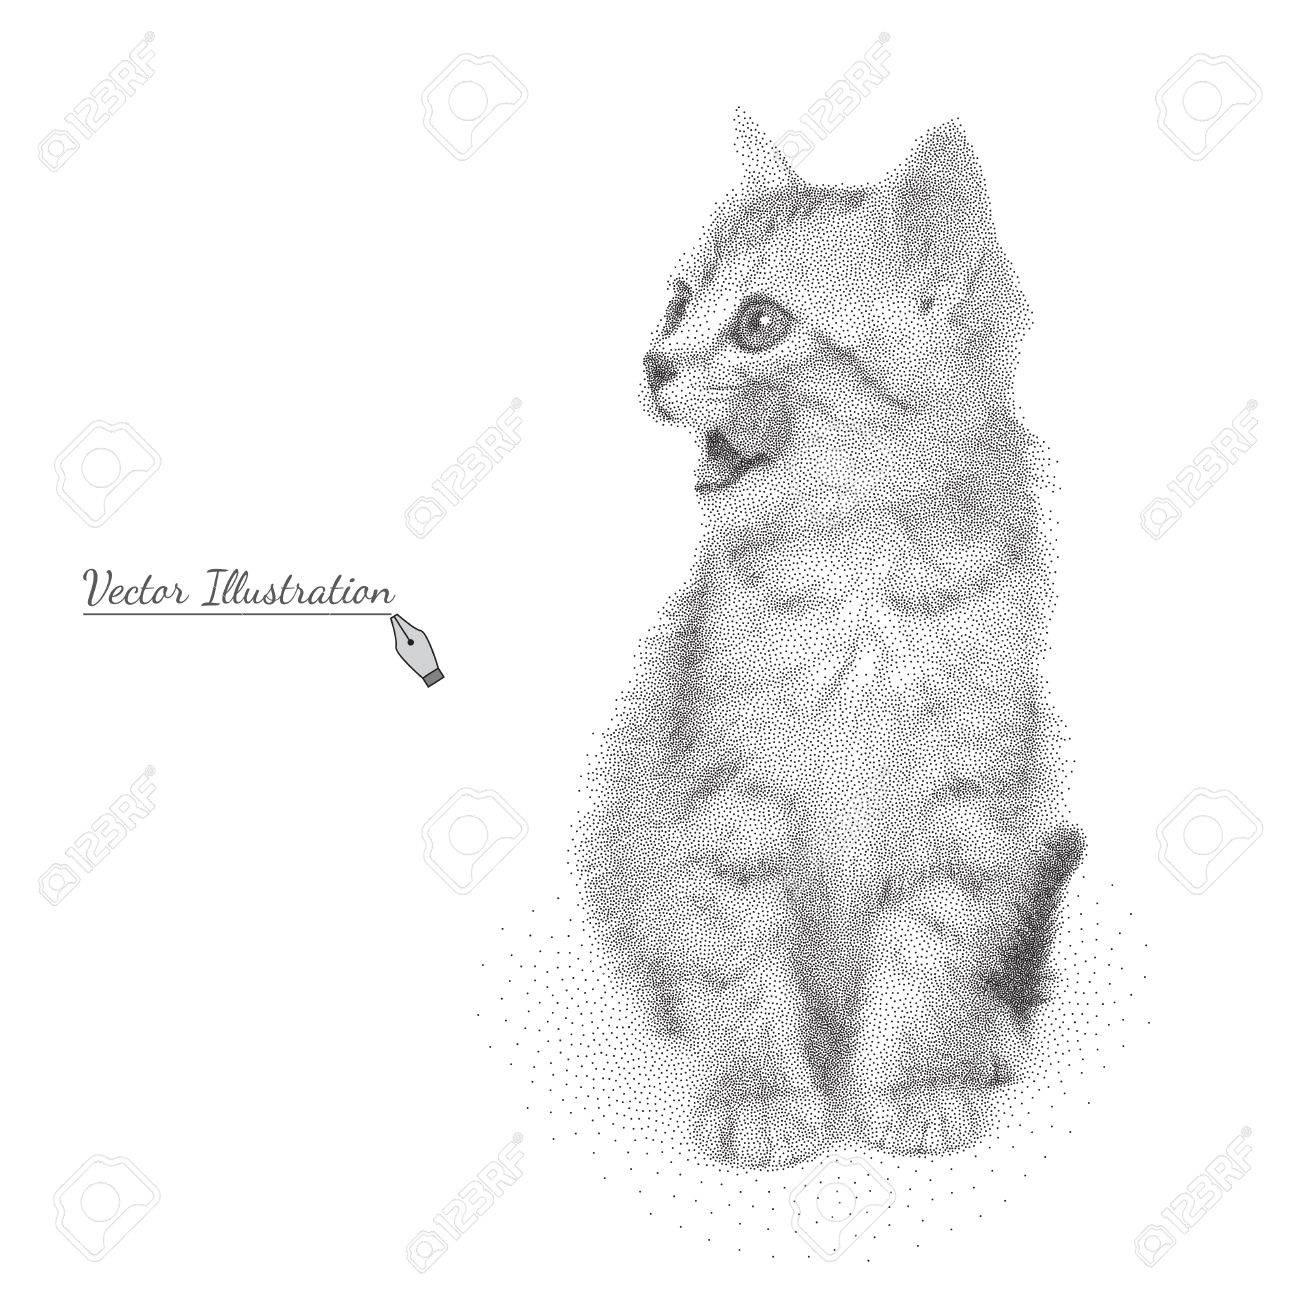 子猫のベクトル イラストが白で黒と白のグラフィック スタイル点描で唇